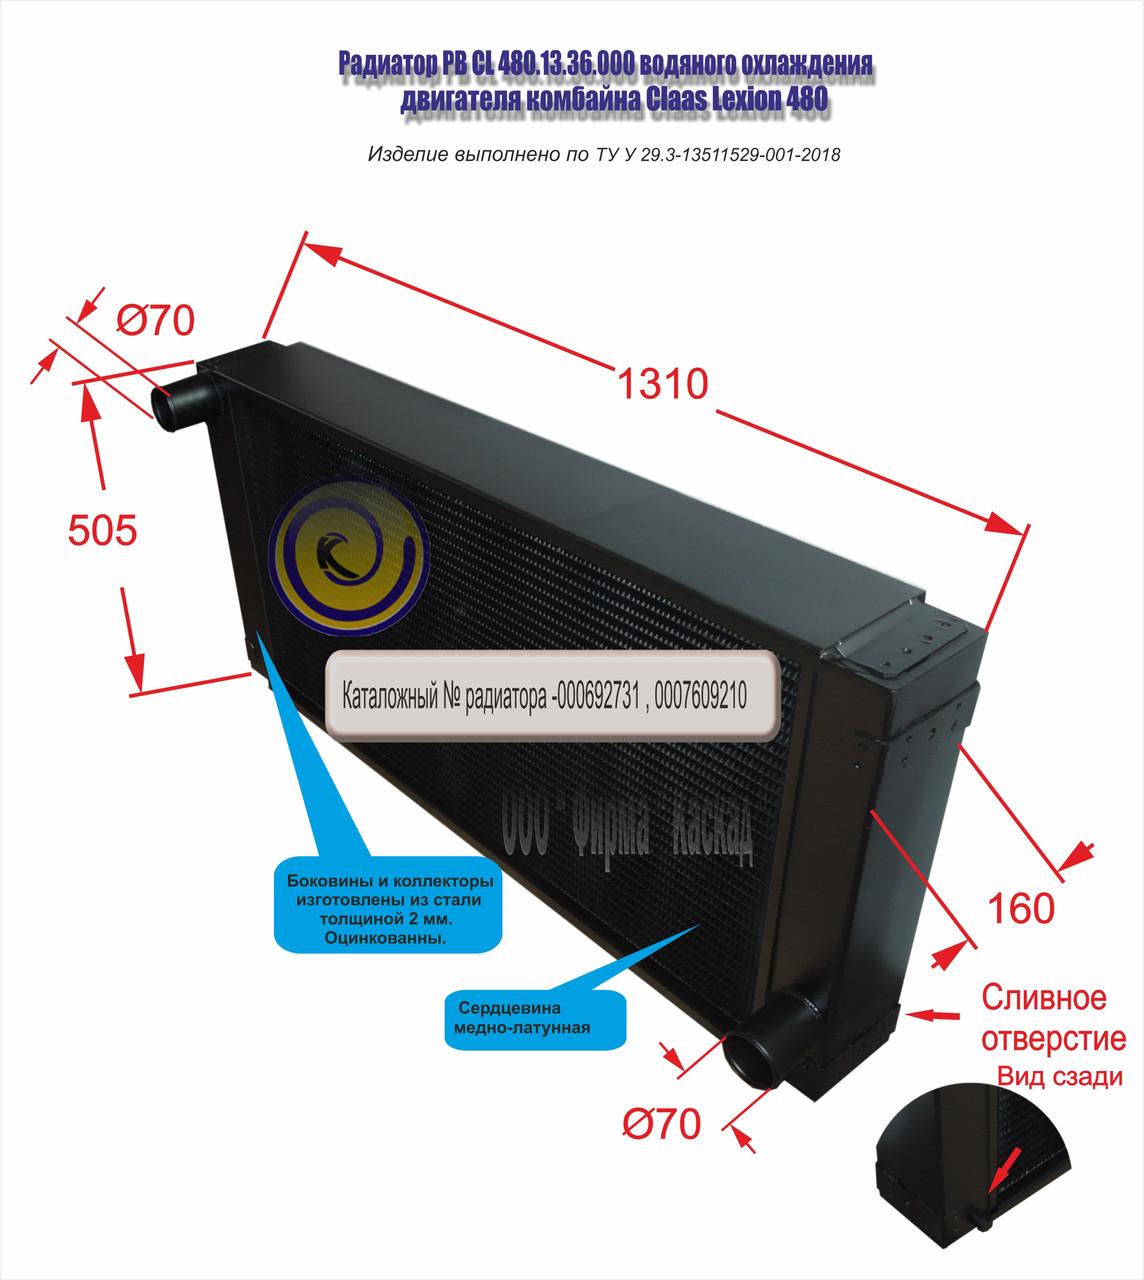 Радиатор водяной для комбайна Claas Lexion 480